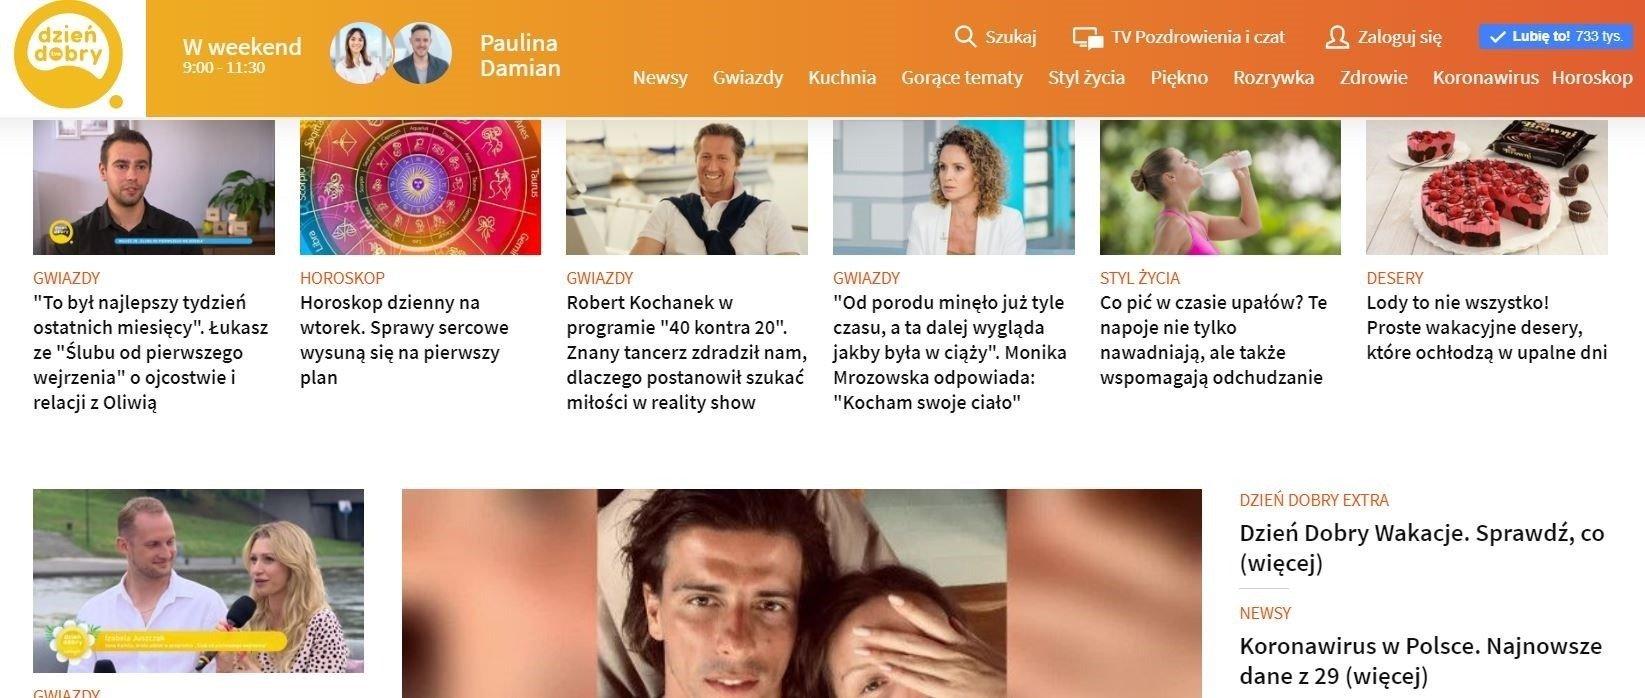 TVN rozszerza swoją ofertę dla kobiet. Serwis dziendobry.tvn.pl w top 3 najpopularniejszych serwisów kobiecych w Polsce!